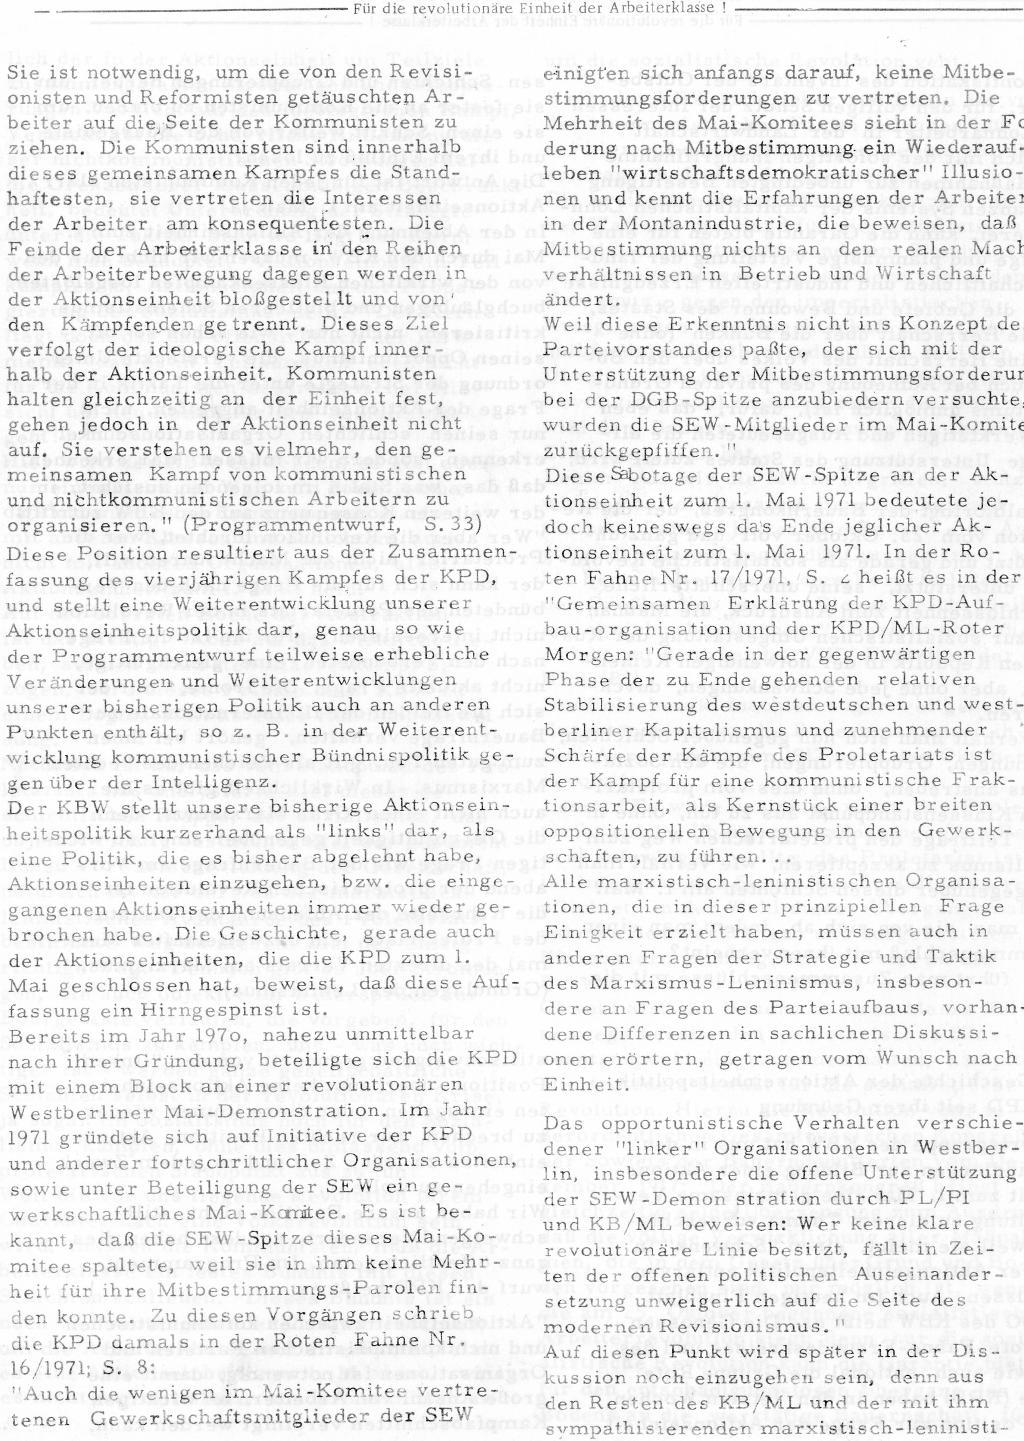 RPK_1974_19_20_38